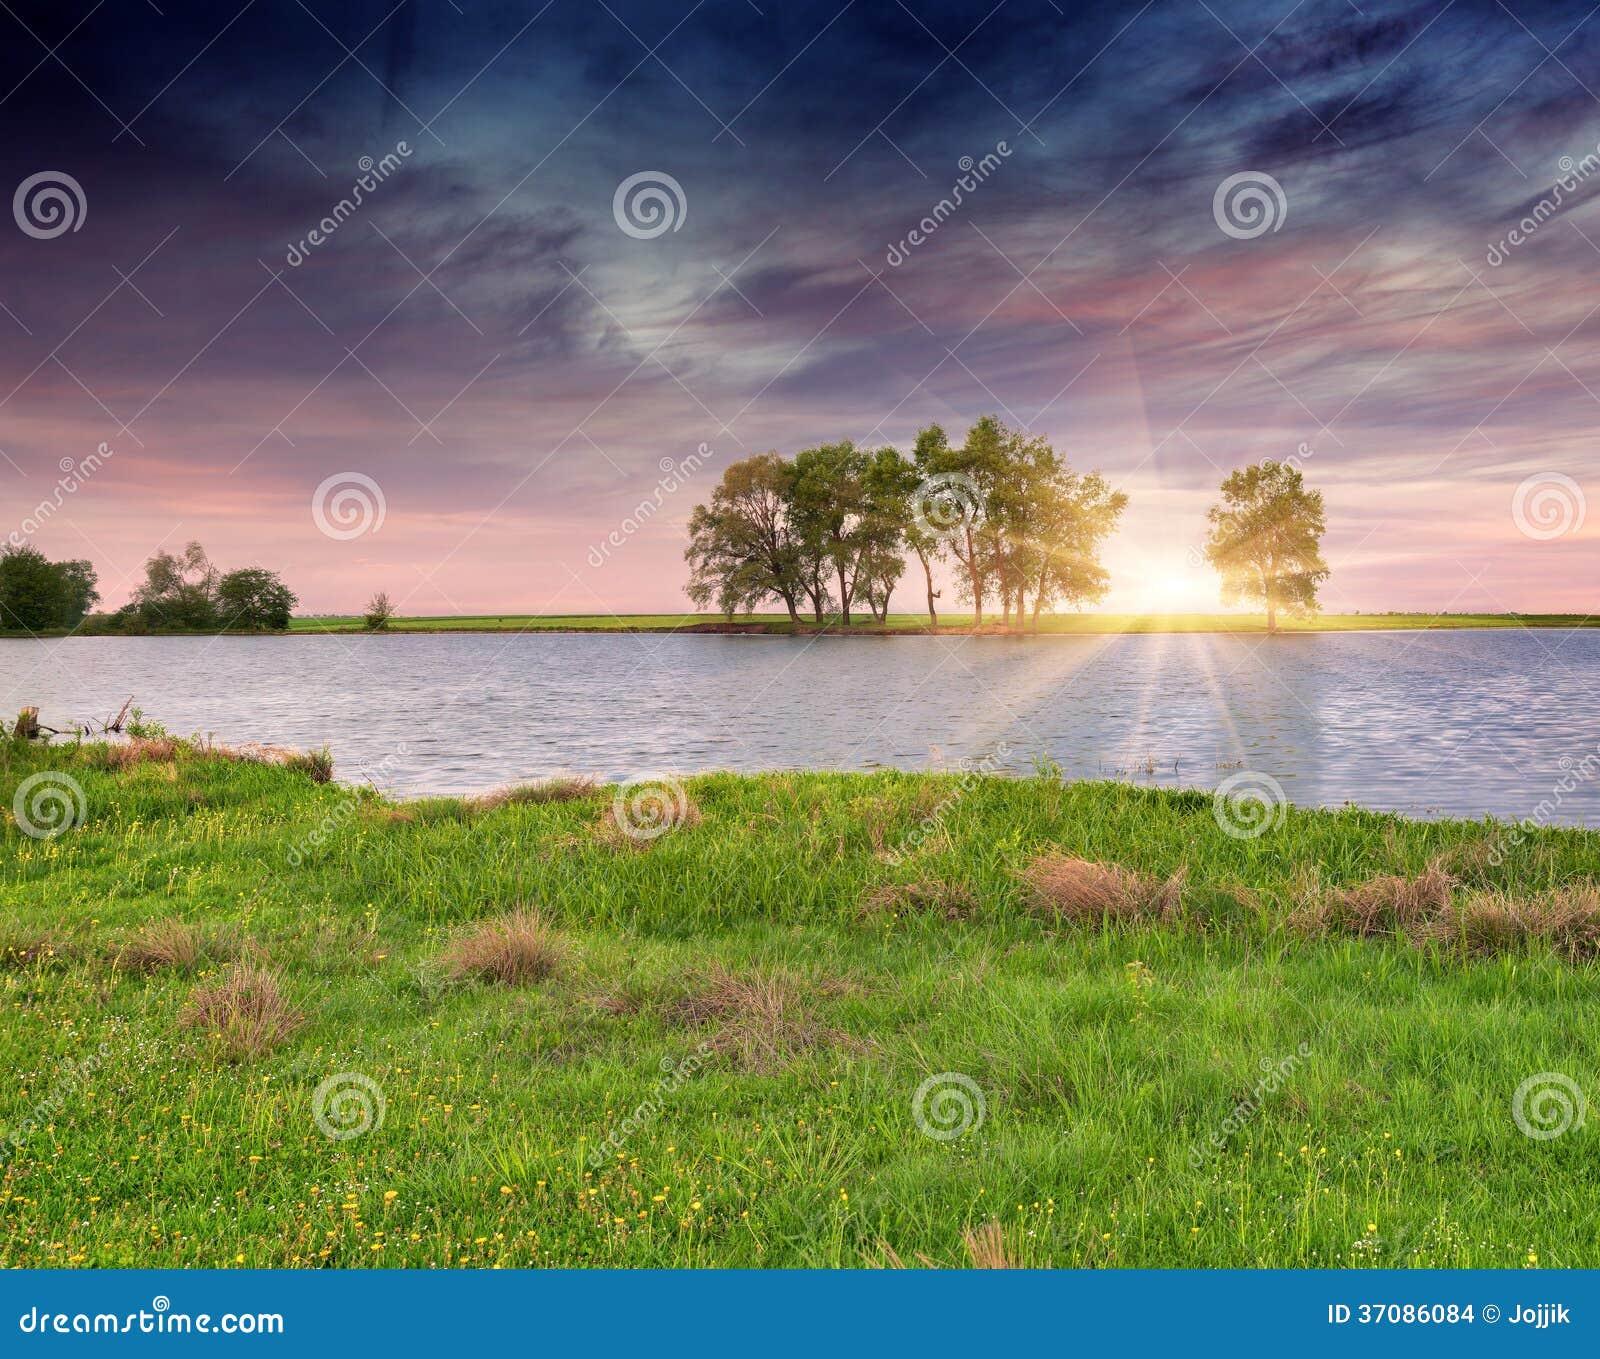 Download Colorfull Lata Wschodu Słońca Ower Rzeka. Zdjęcie Stock - Obraz złożonej z plenerowy, naturalny: 37086084